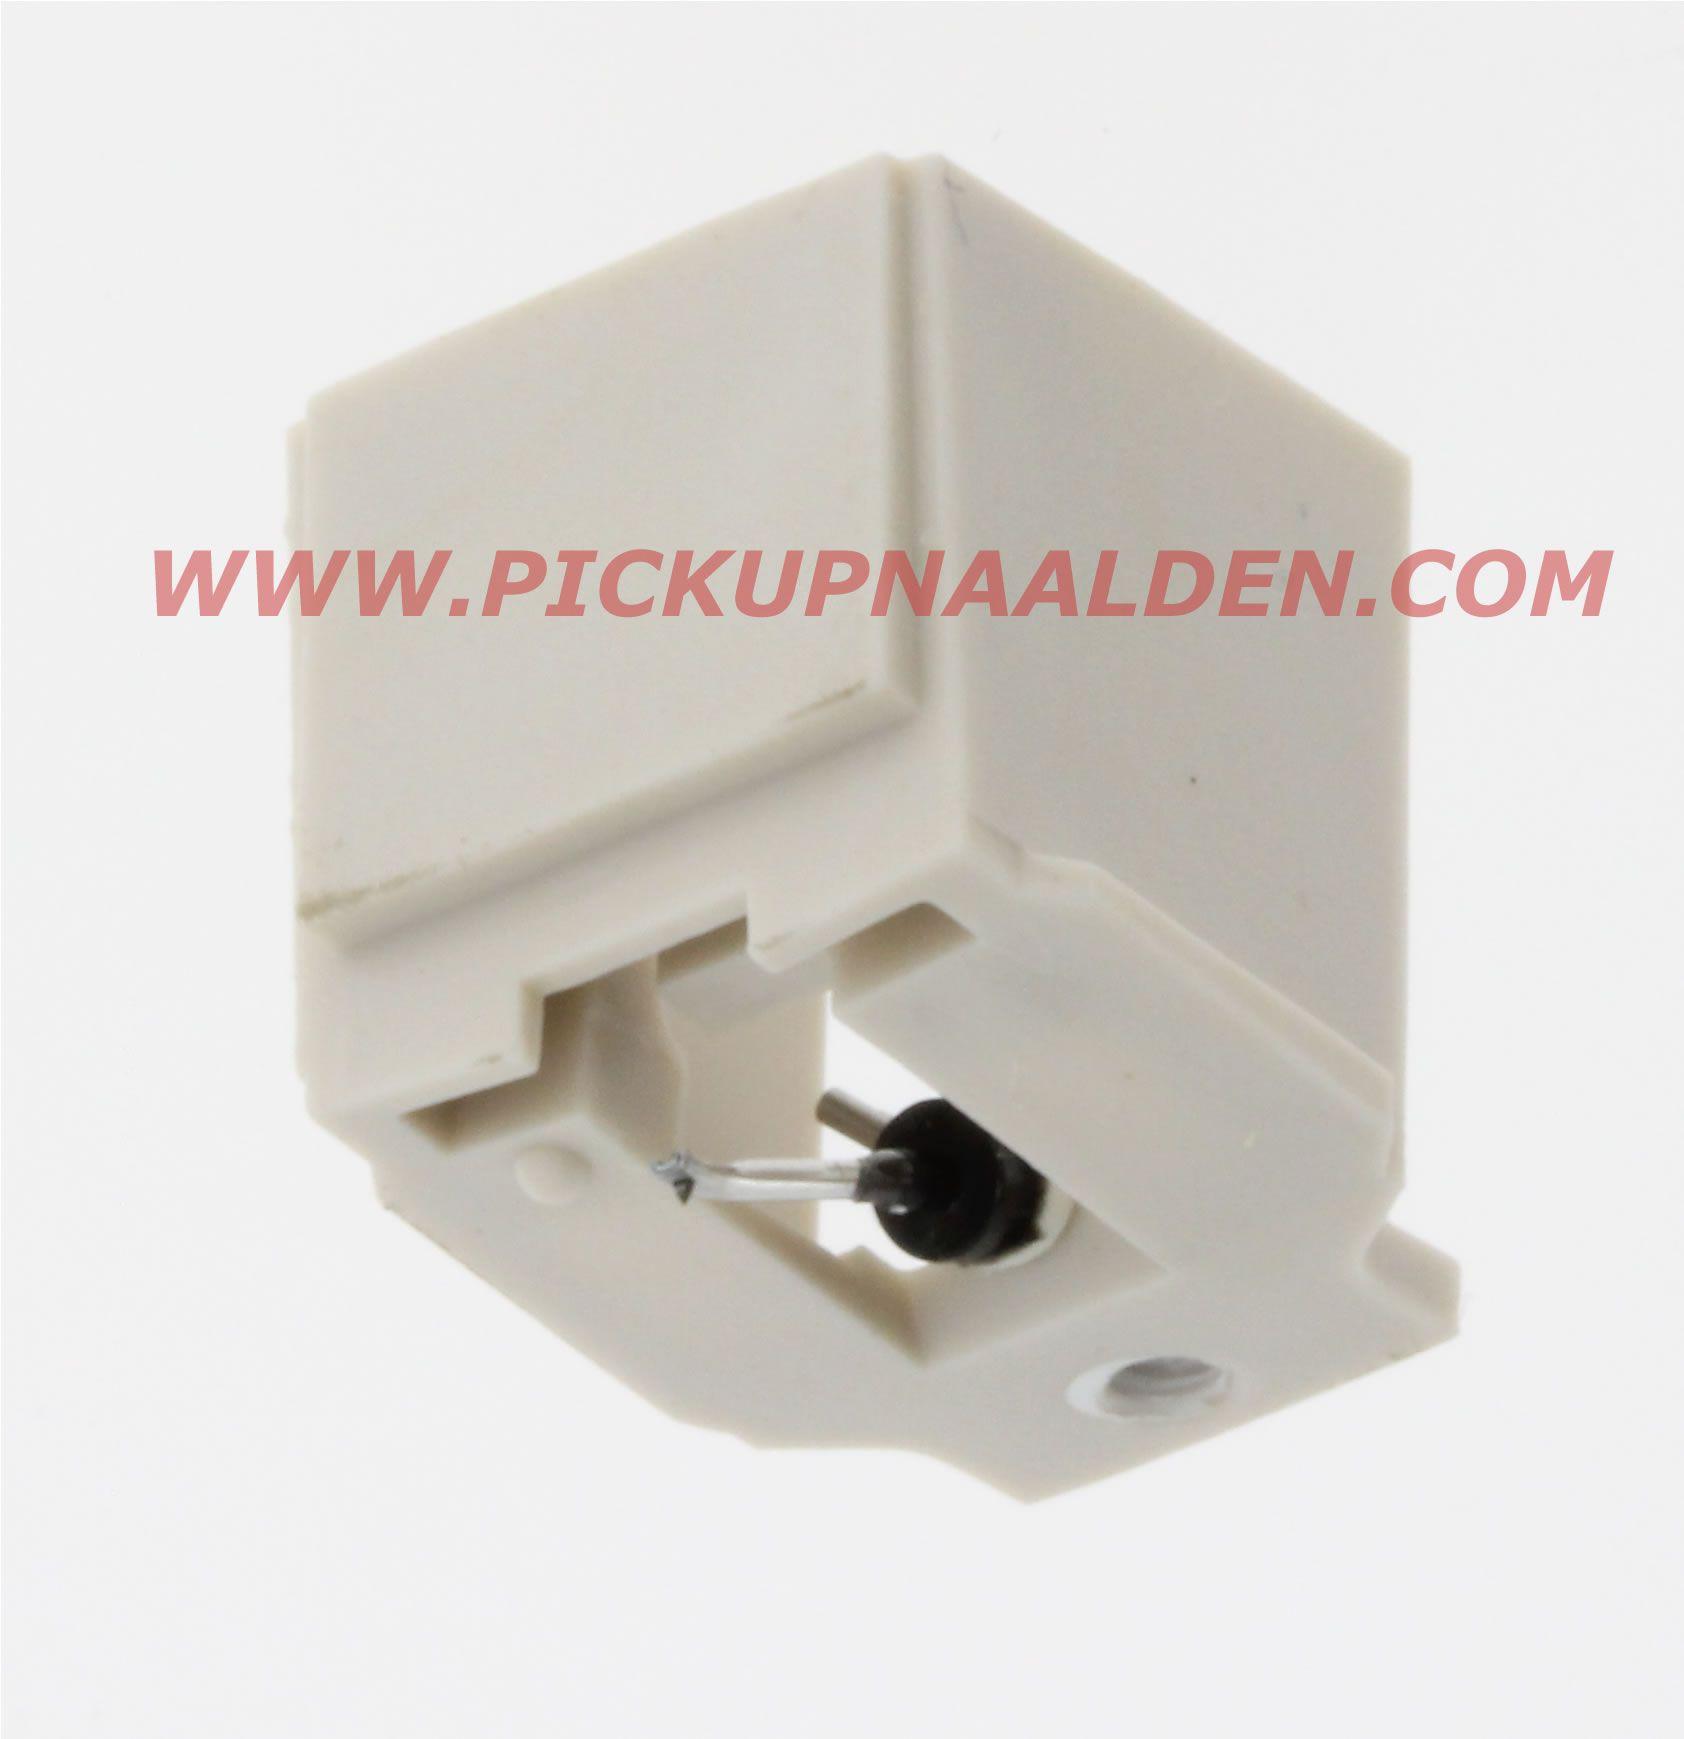 Audio Technica Atn3600l Oem Platenspeler Audio Naalden